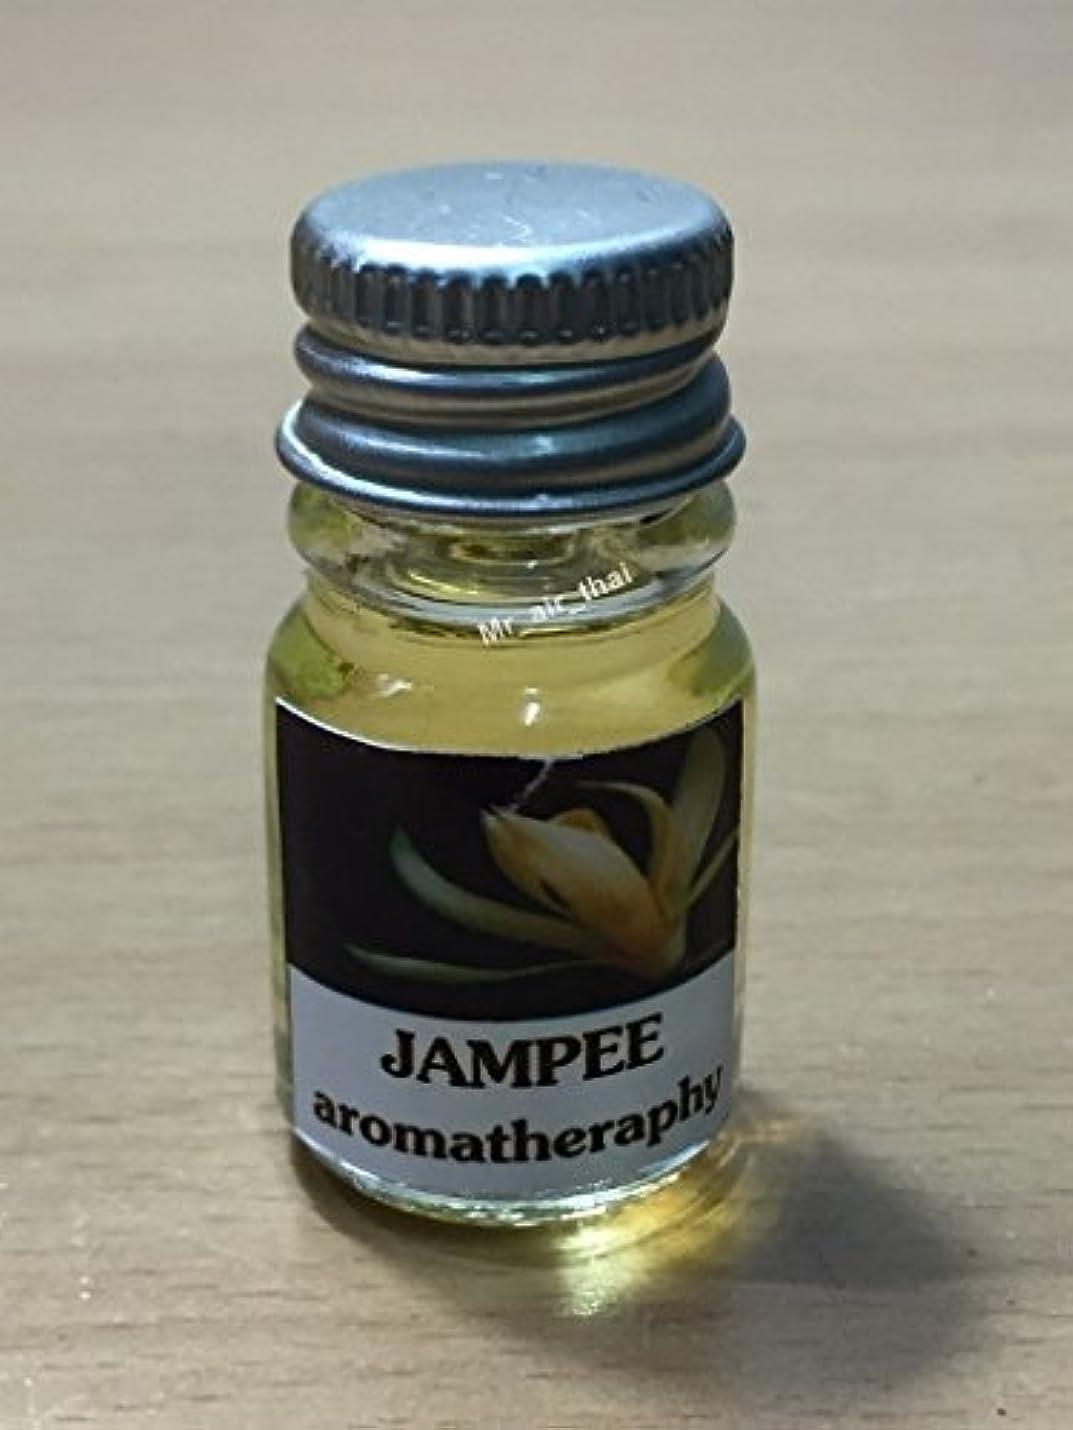 花瓶幸運なことに大通り5ミリリットルアロマジャンパータイの花フランクインセンスエッセンシャルオイルボトルアロマテラピーオイル自然自然5ml Aroma Jampee Thai Flower Frankincense Essential Oil...